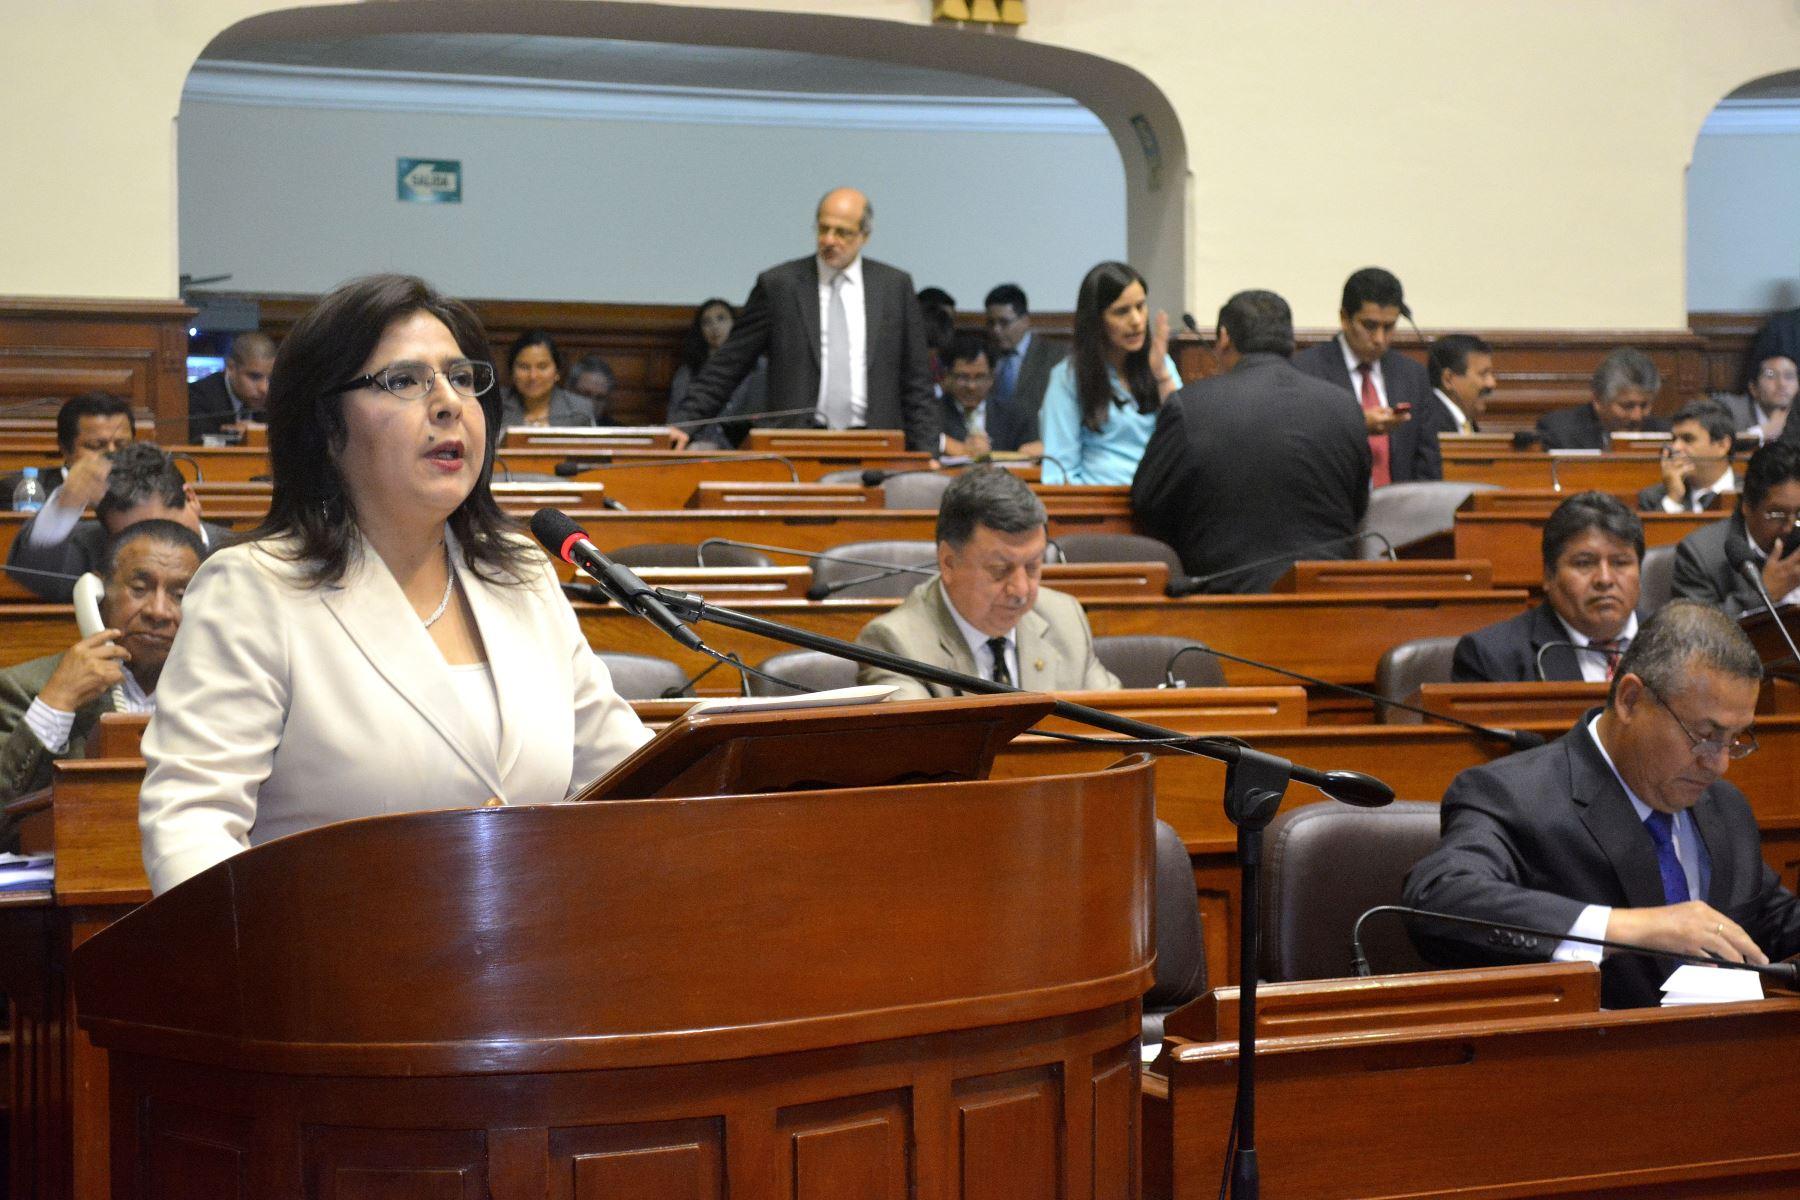 Ministra Ana Jara expone en el pleno del Congreso sobre las medidas del Ejecutivo para combatir la trata de personas.